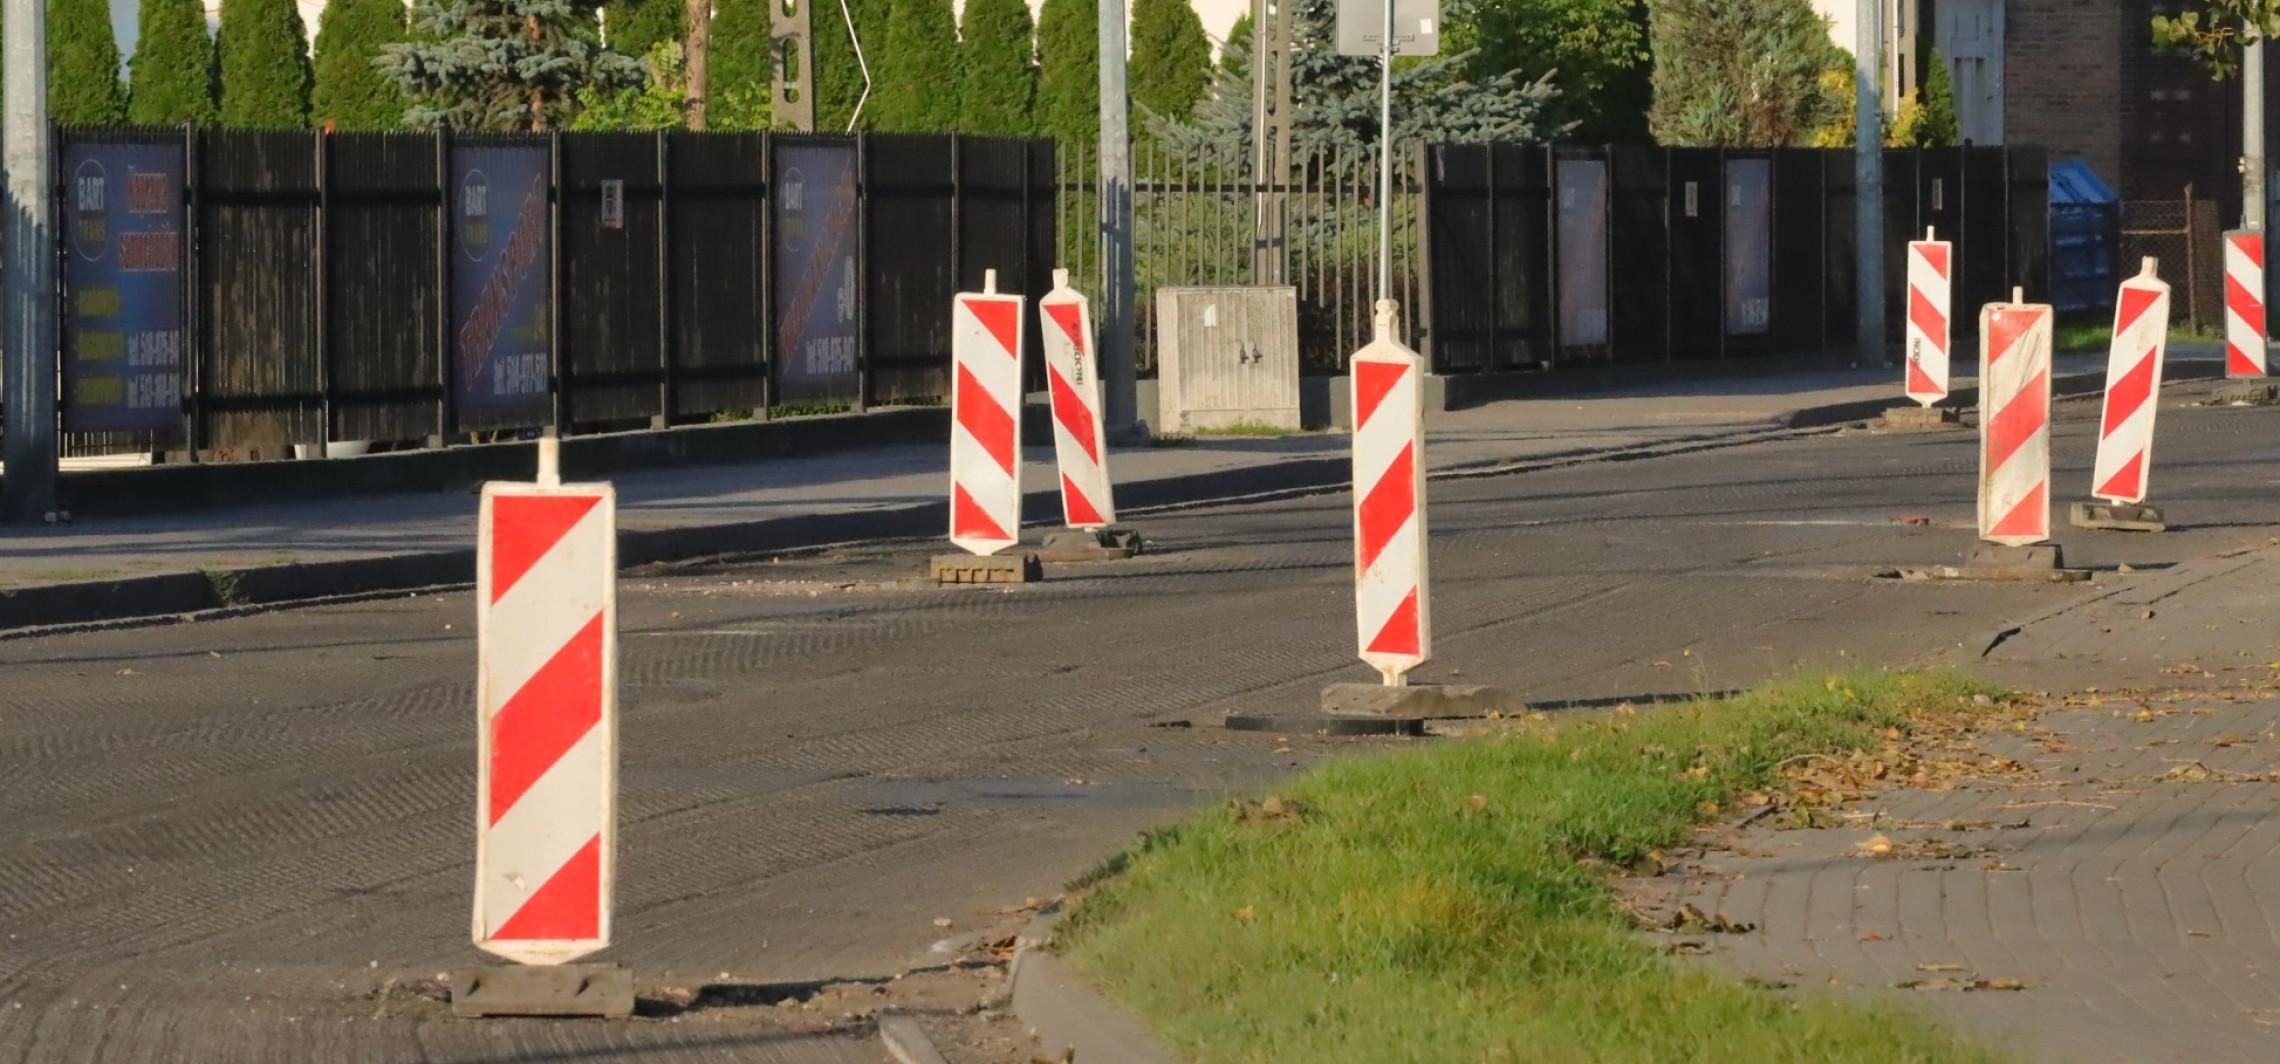 Inowrocław - Gorący okres na drogach. Tu trwają prace